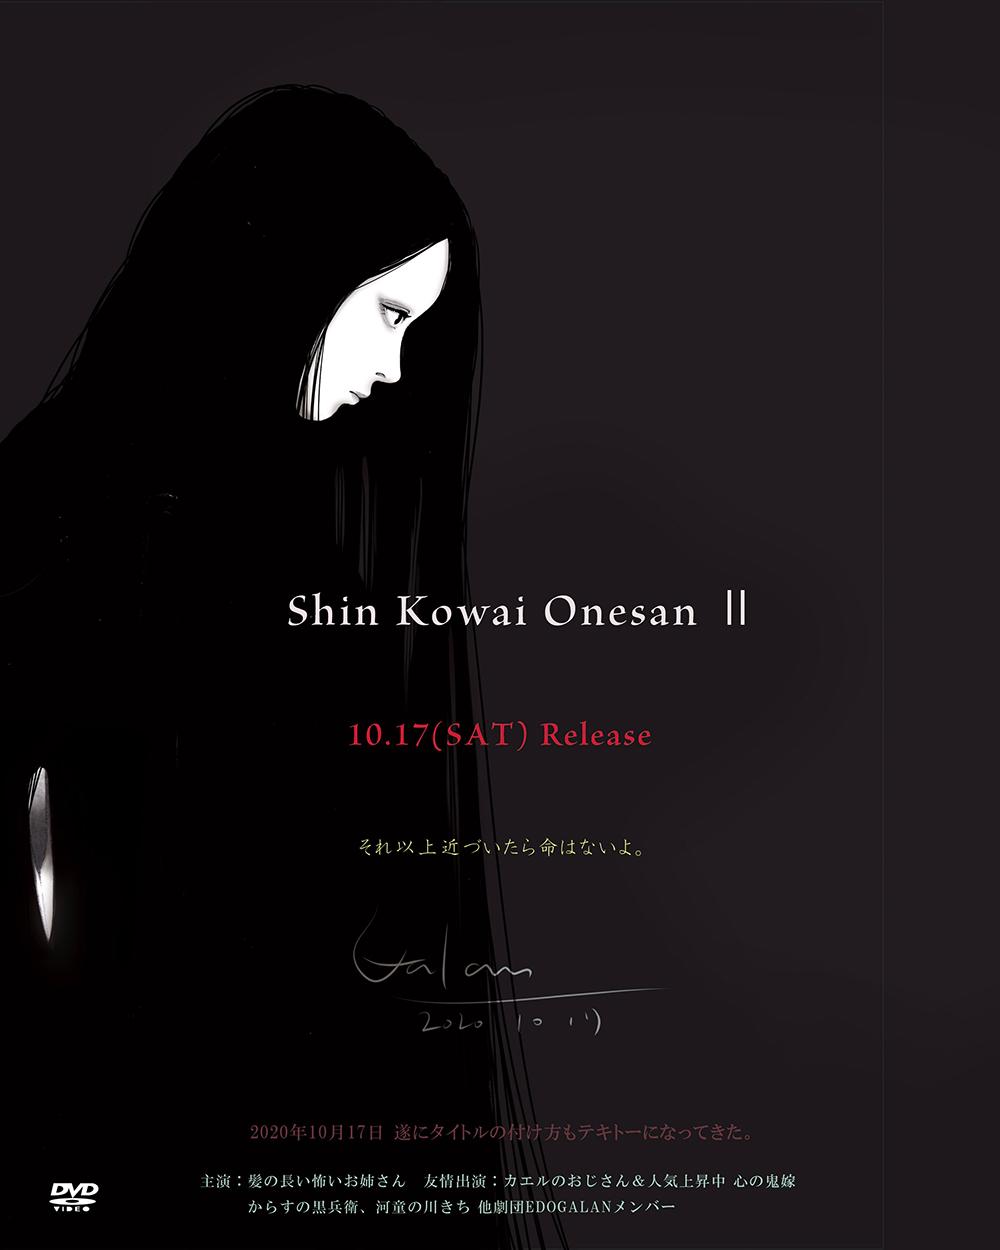 シン・怖いお姉さん KOWAI-ONESAN